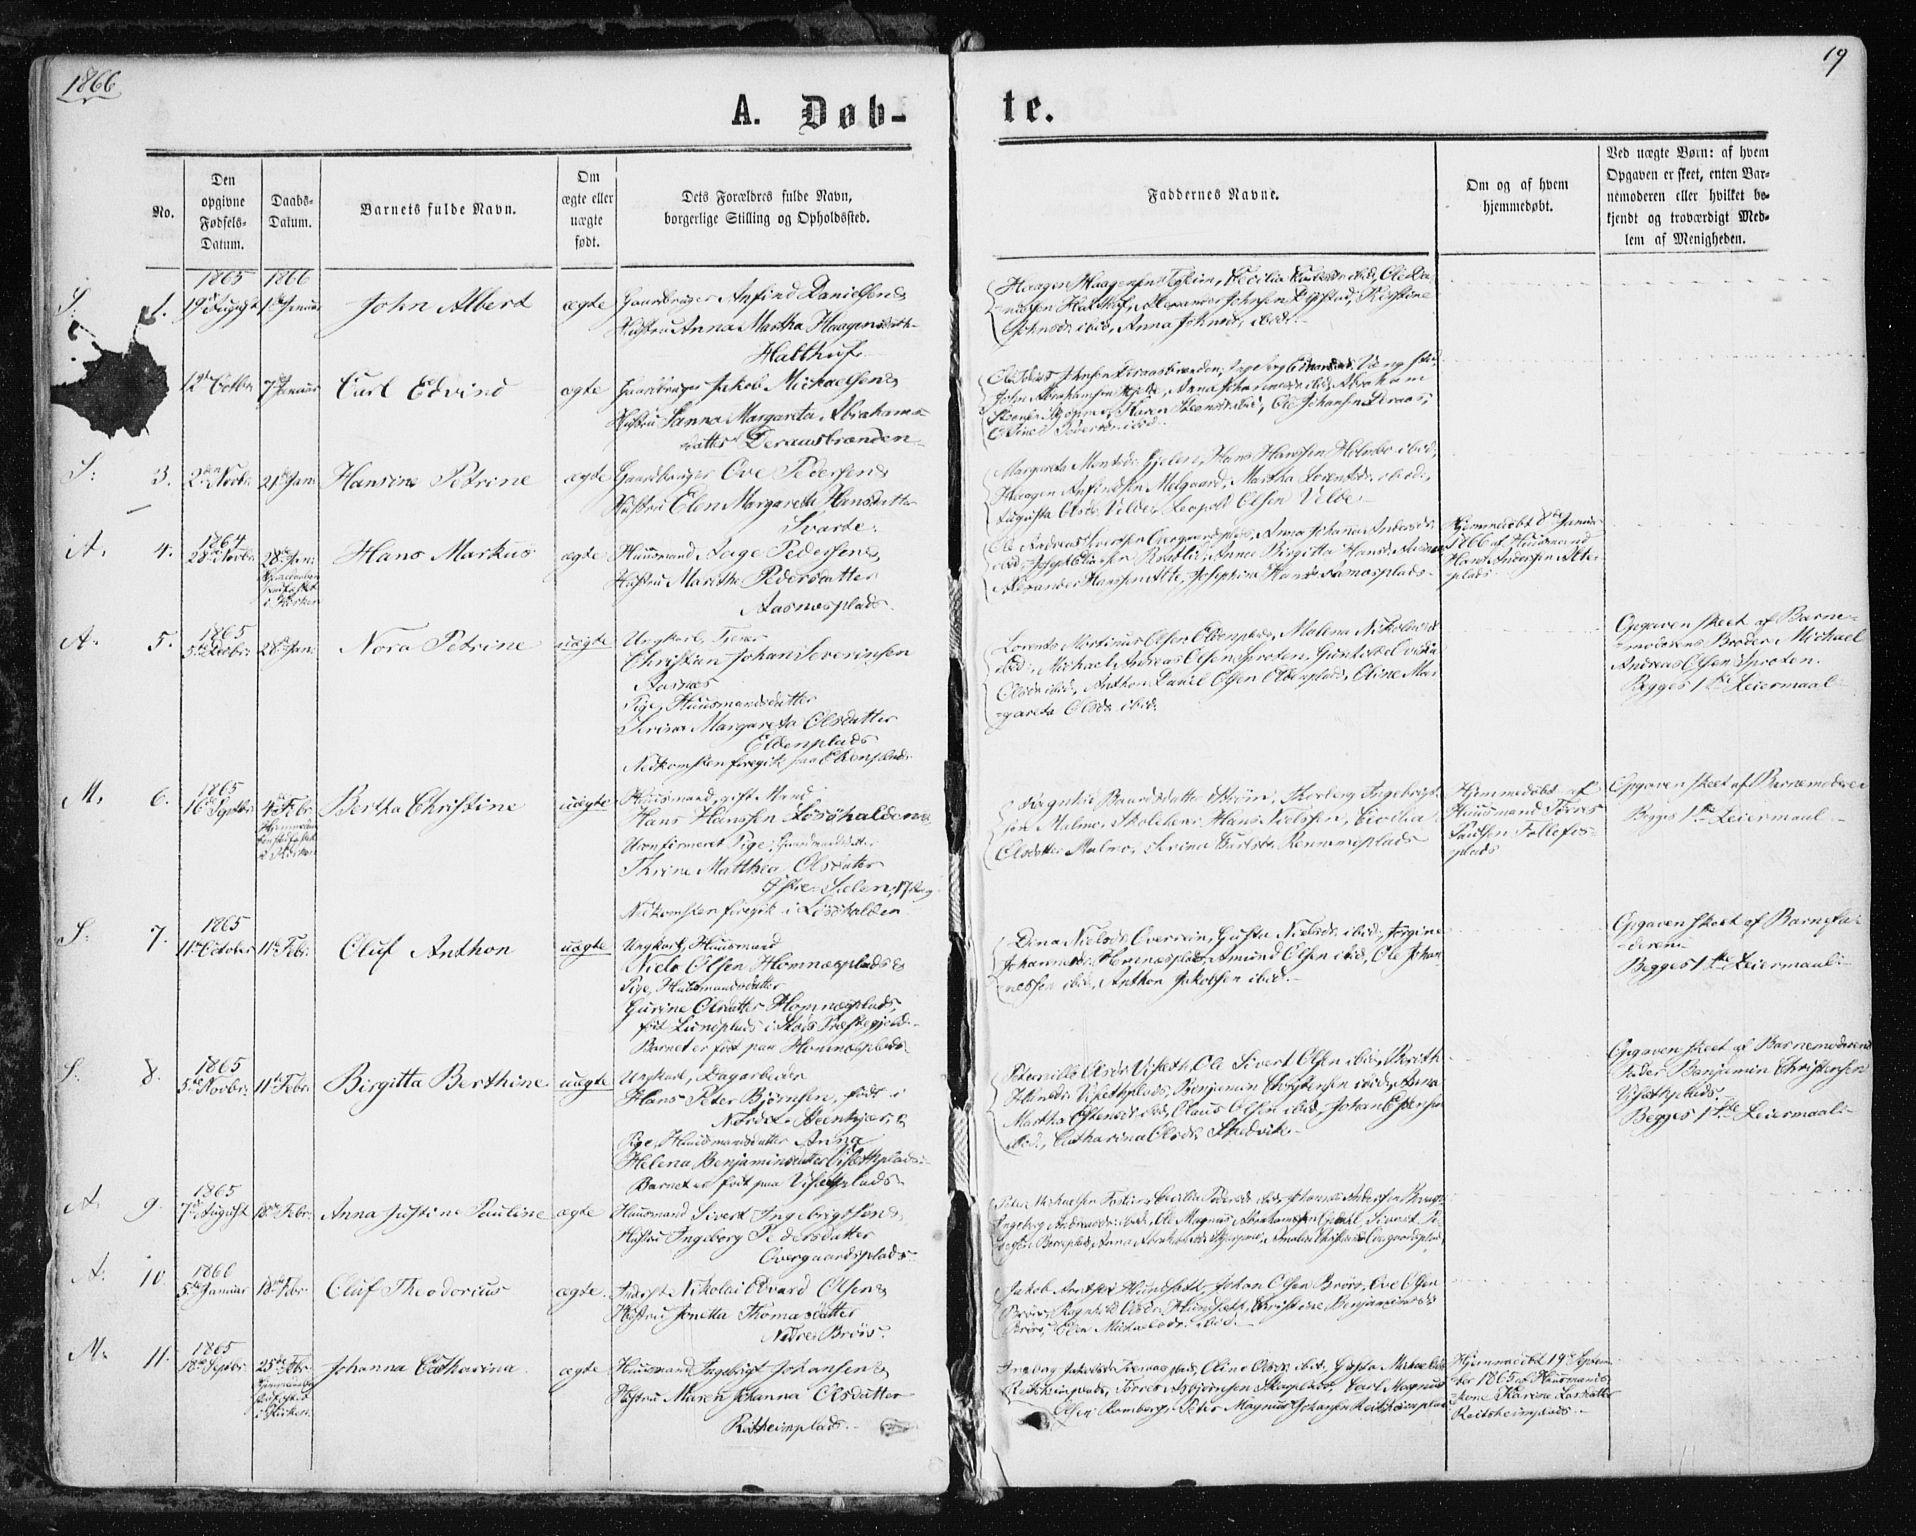 SAT, Ministerialprotokoller, klokkerbøker og fødselsregistre - Nord-Trøndelag, 741/L0394: Ministerialbok nr. 741A08, 1864-1877, s. 19